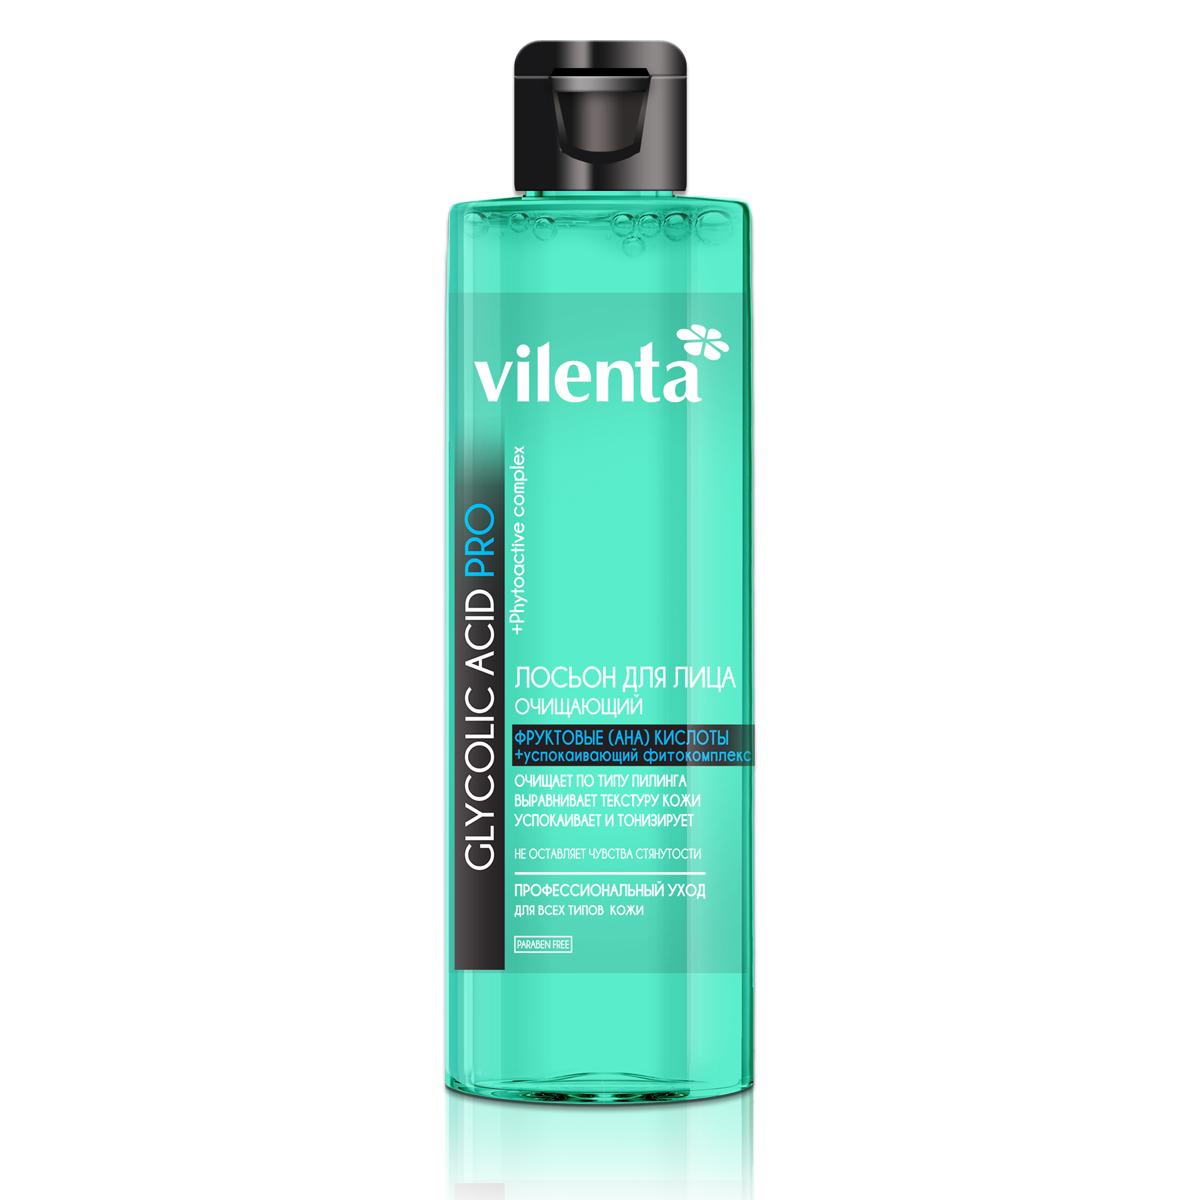 Vilenta Лосьон для лица Очищающий Glycolic Acid Pro, 200 мл780390Благодаря эффективному очищающему комплексу из фруктовых альфа-гидроксикислот (гликолевая, молочная, яблочная, лимонная, винная) лосьон великолепно очищает кожу лица. Снимает чувство стянутости.